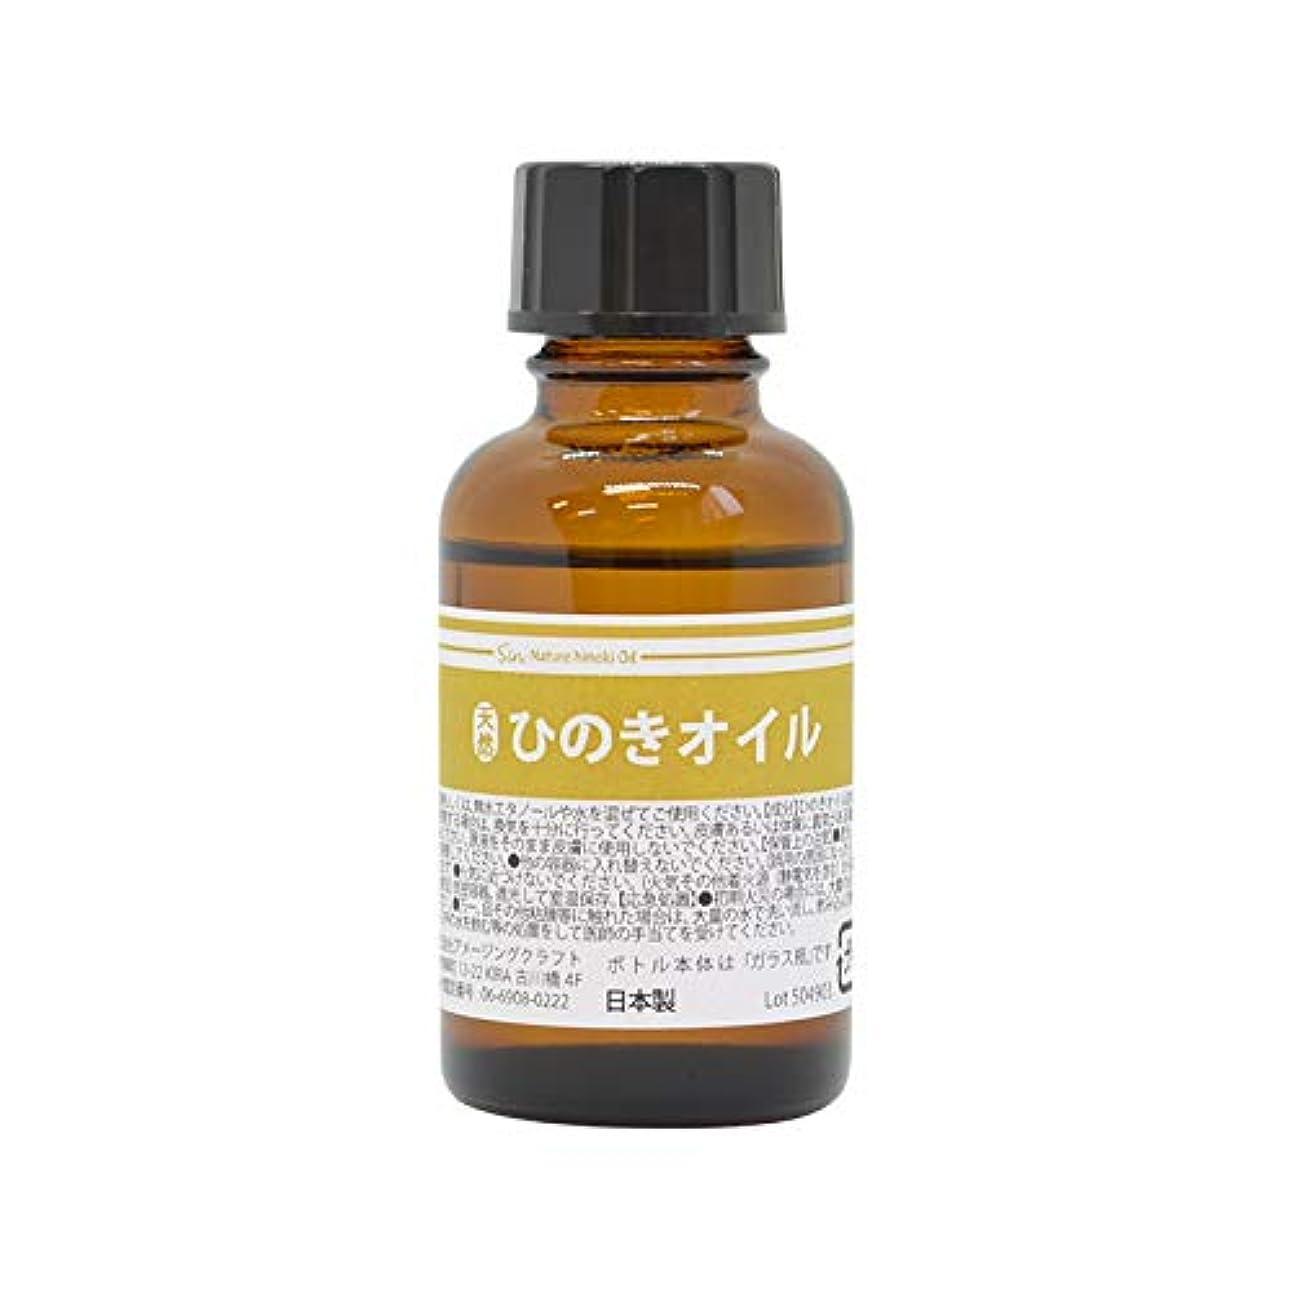 医学タオル証拠天然100% 国産 ひのき オイル 30ml アロマオイル ヒノキオイル